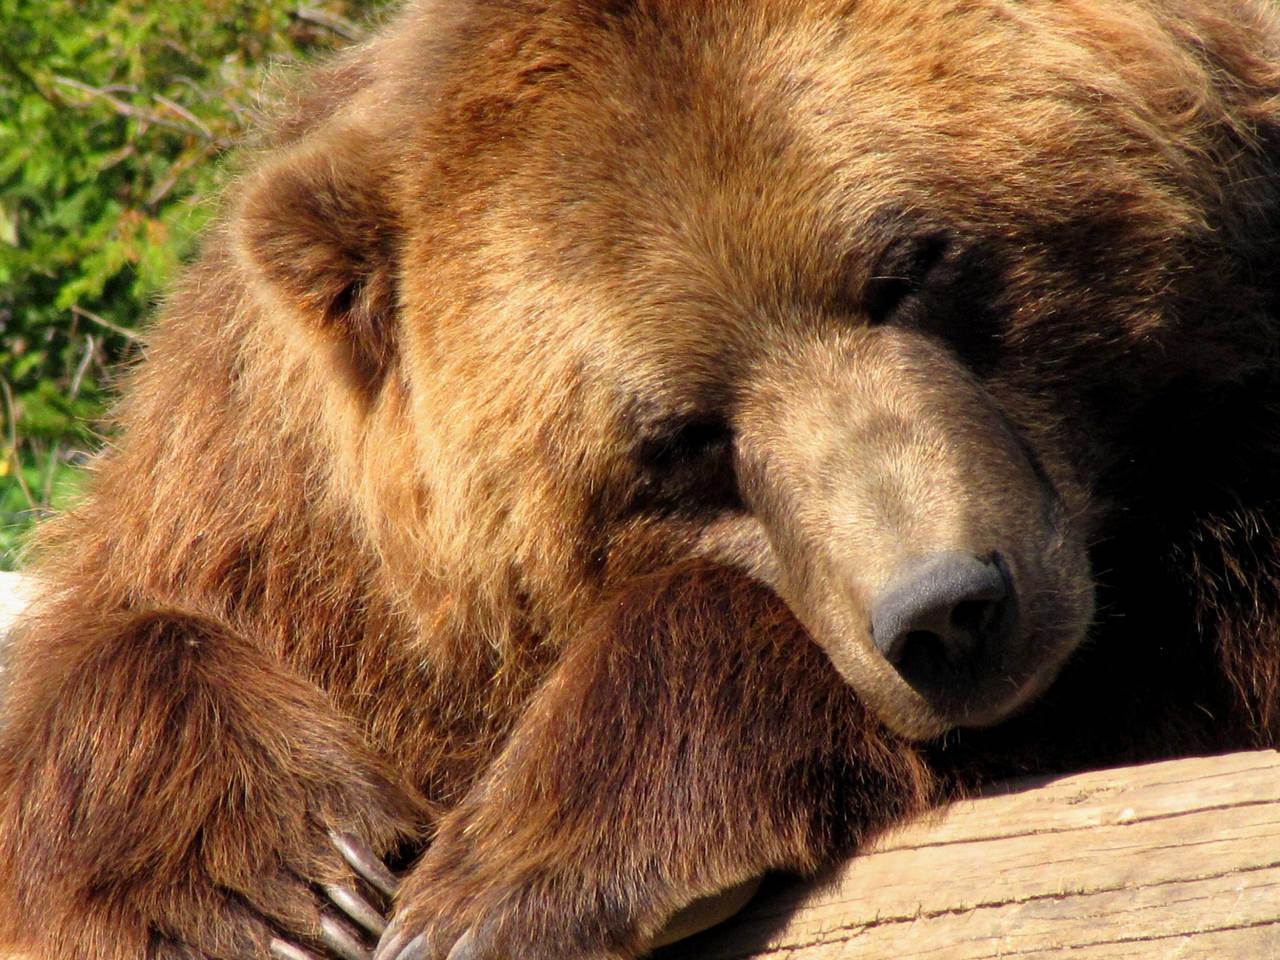 Sleepy bear by CierraFrye